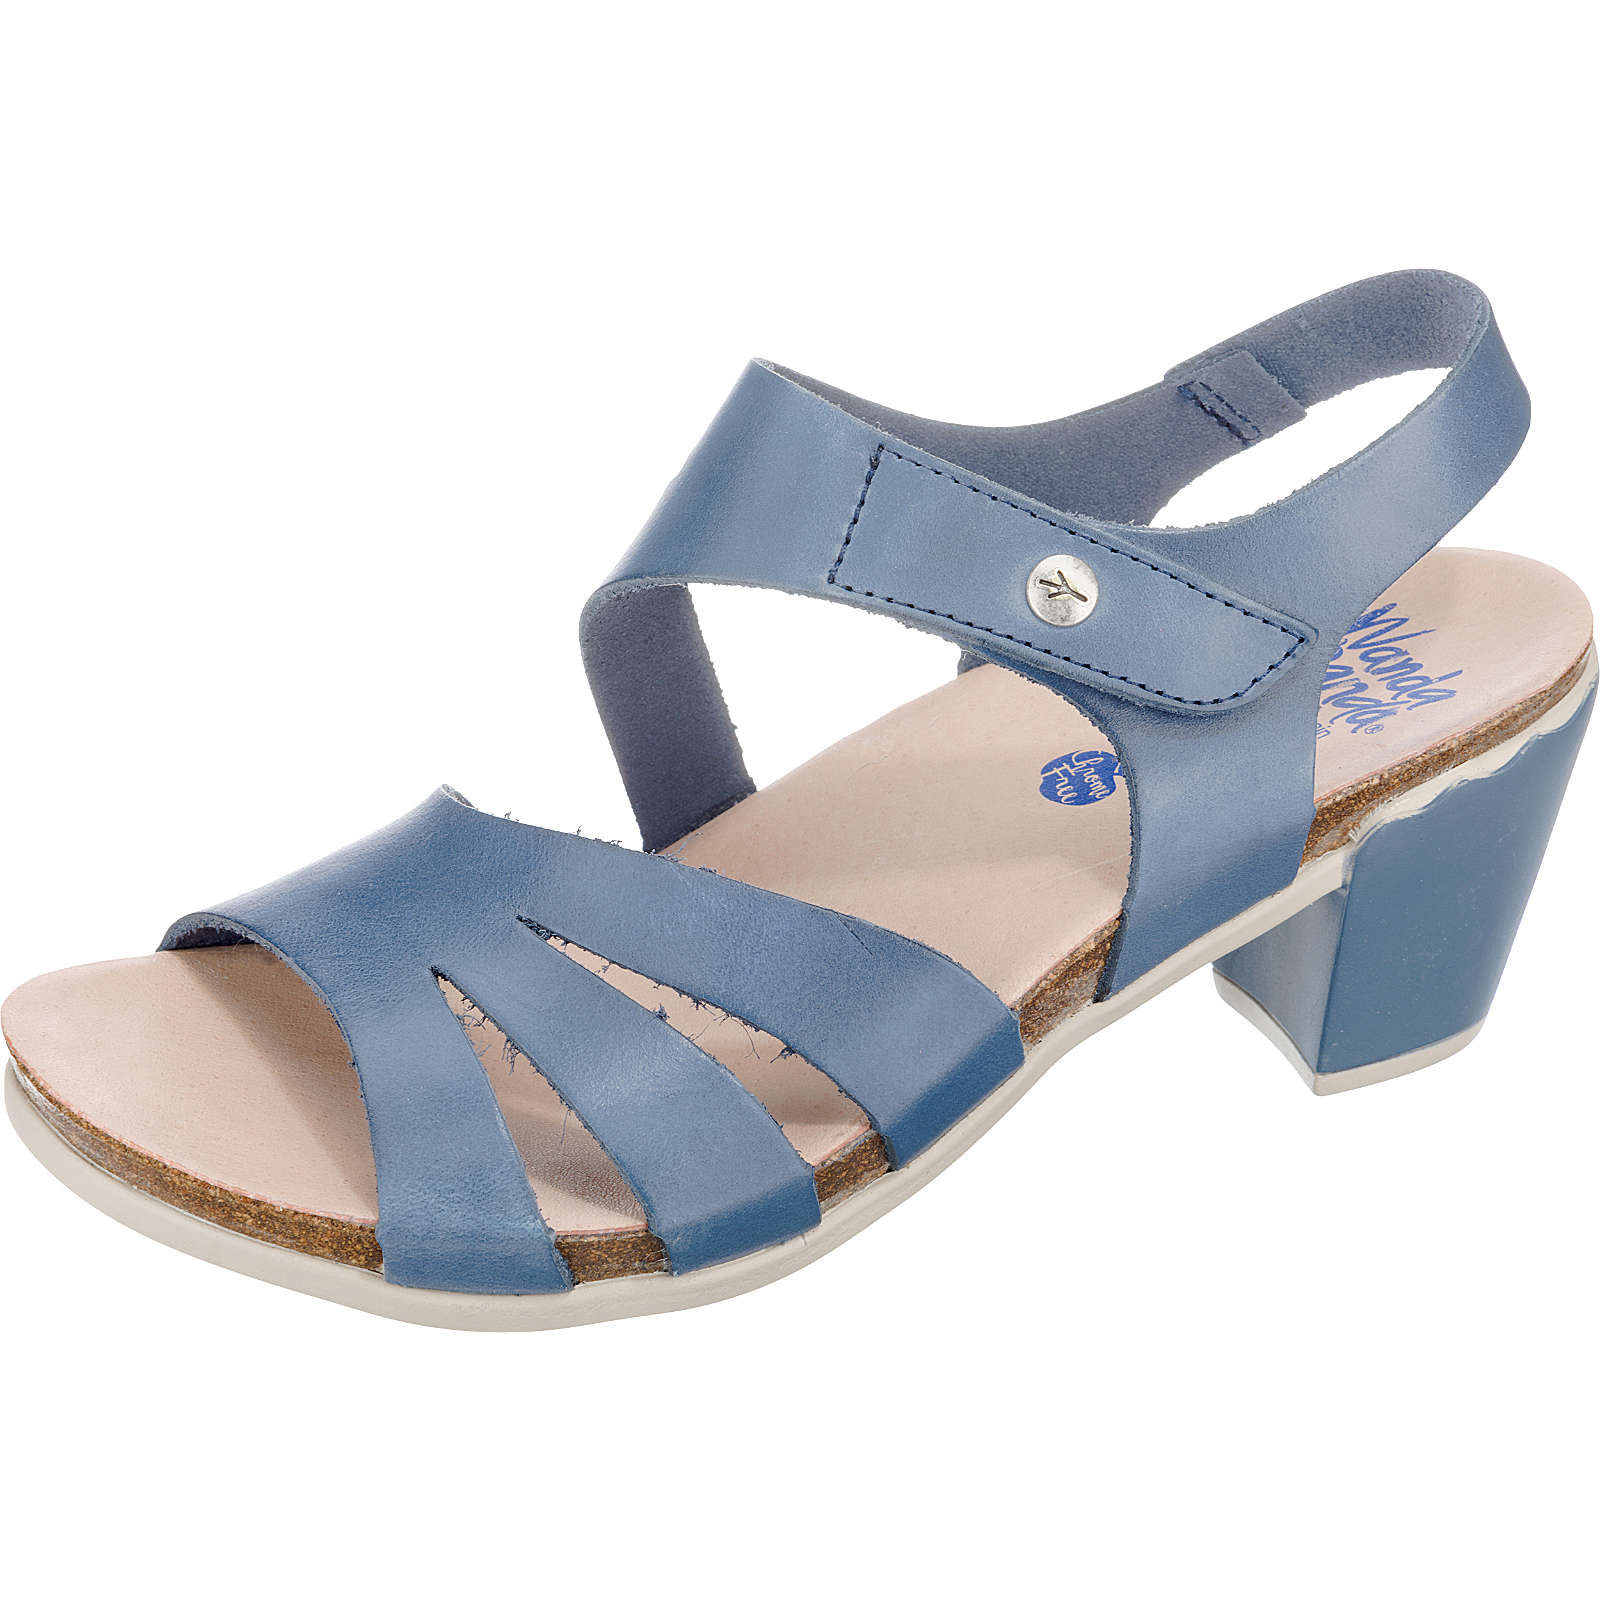 Wanda Panda Winda Klassische Sandaletten blau-kombi Damen Gr. 39